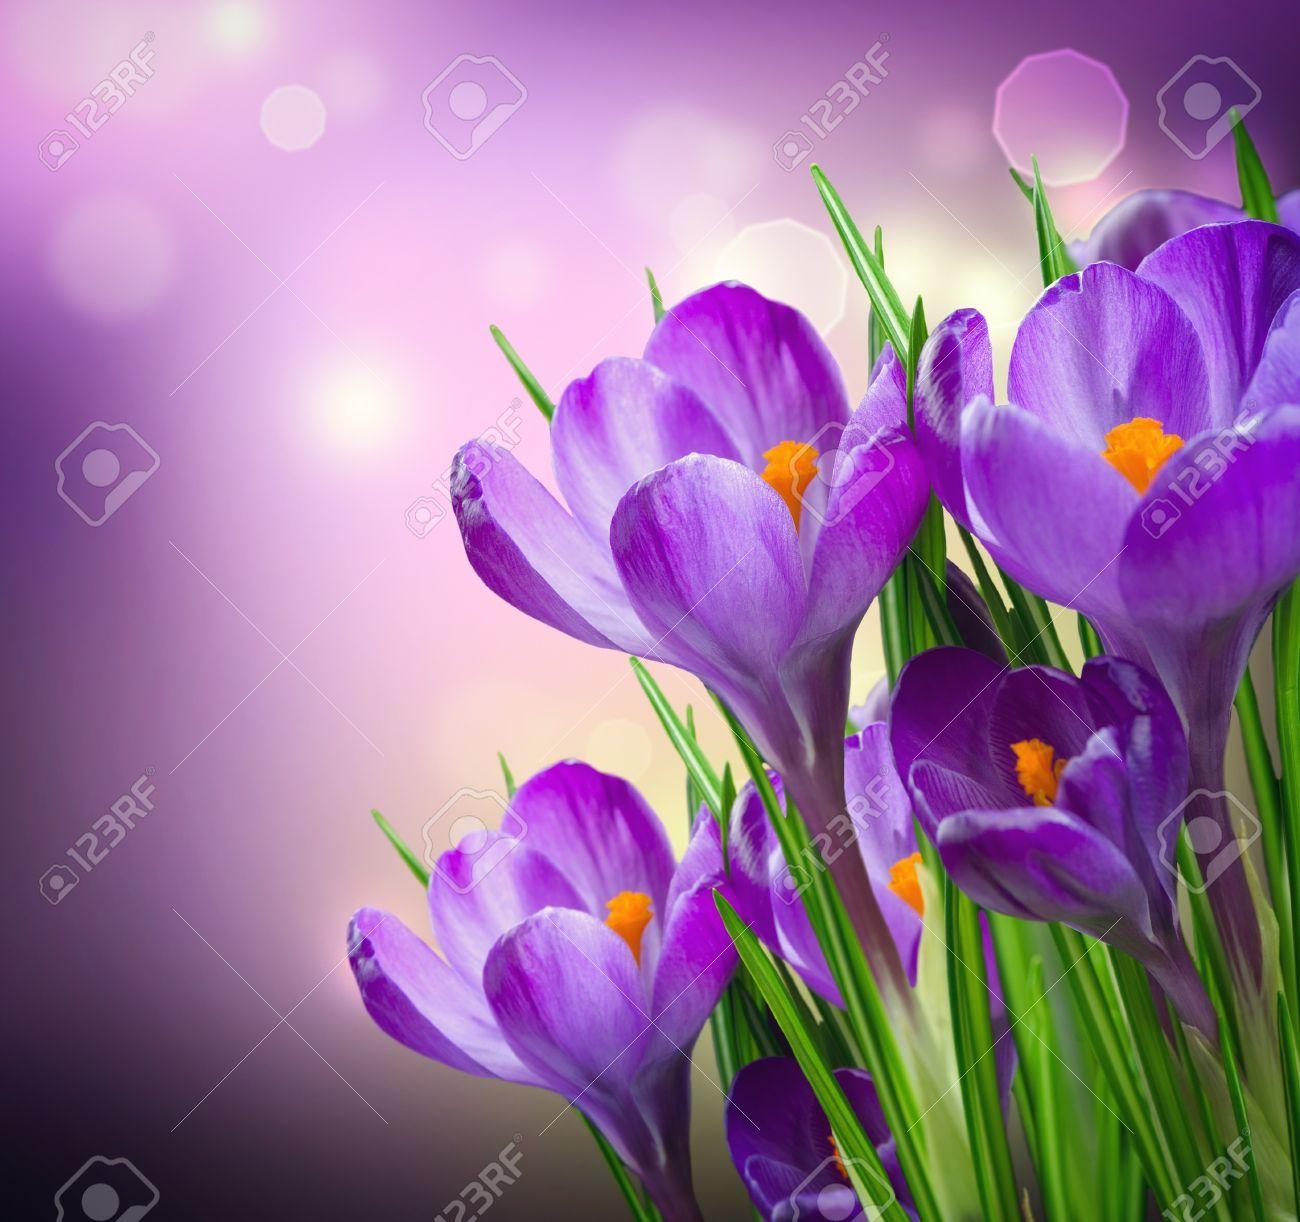 весенние цветы иллюстрации - Поиск в Google | Весенние ...